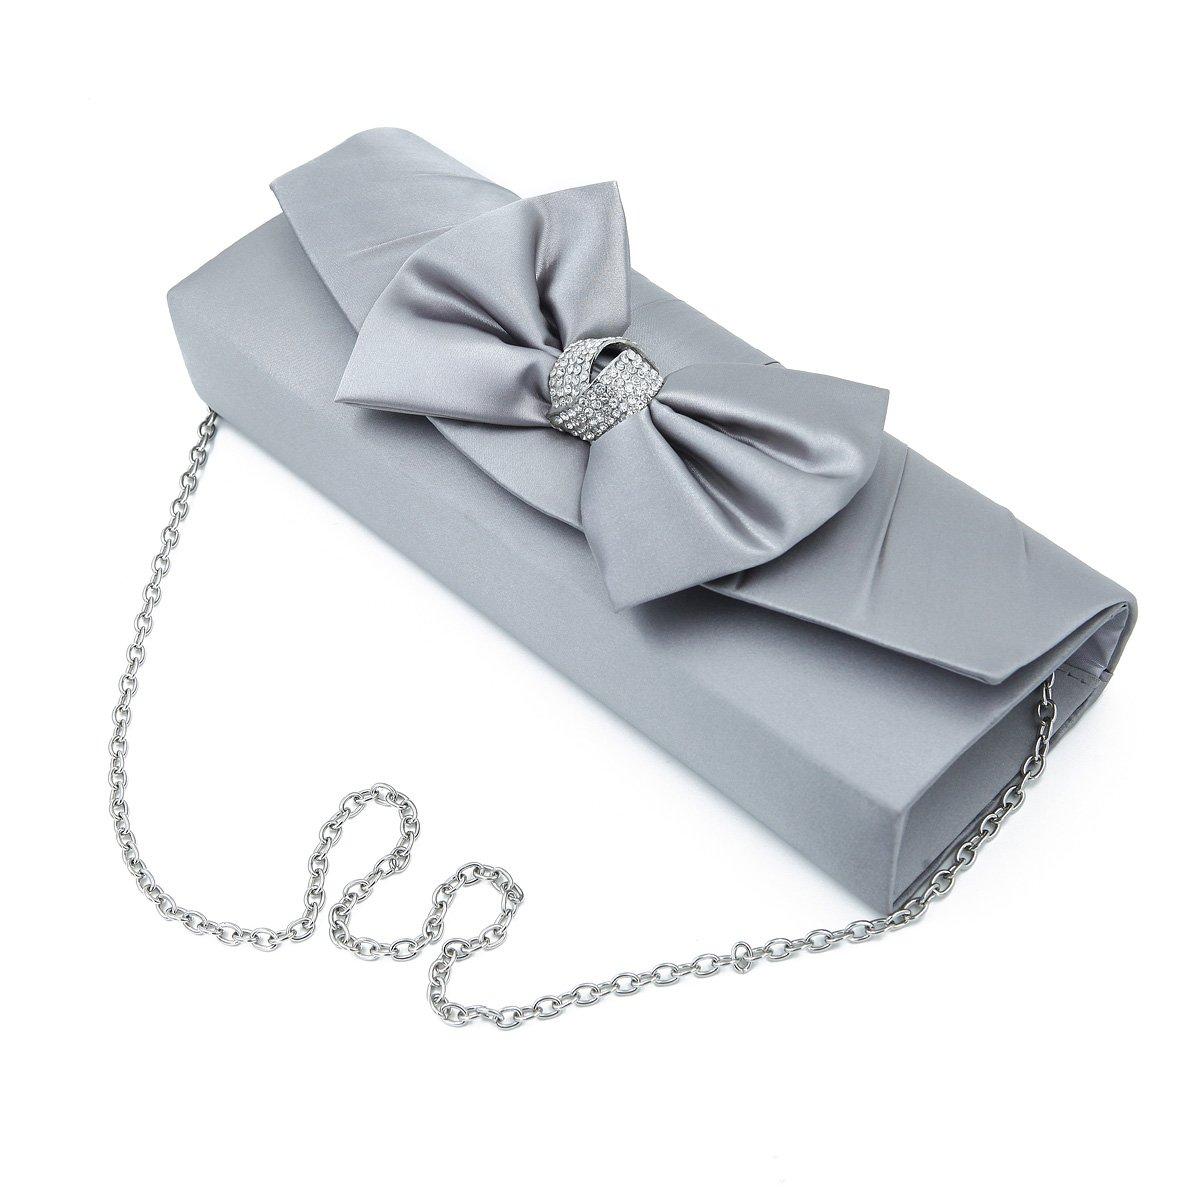 Elegant Satin Flap Bow Crystal Clutch Evening Bag, Silver Grey